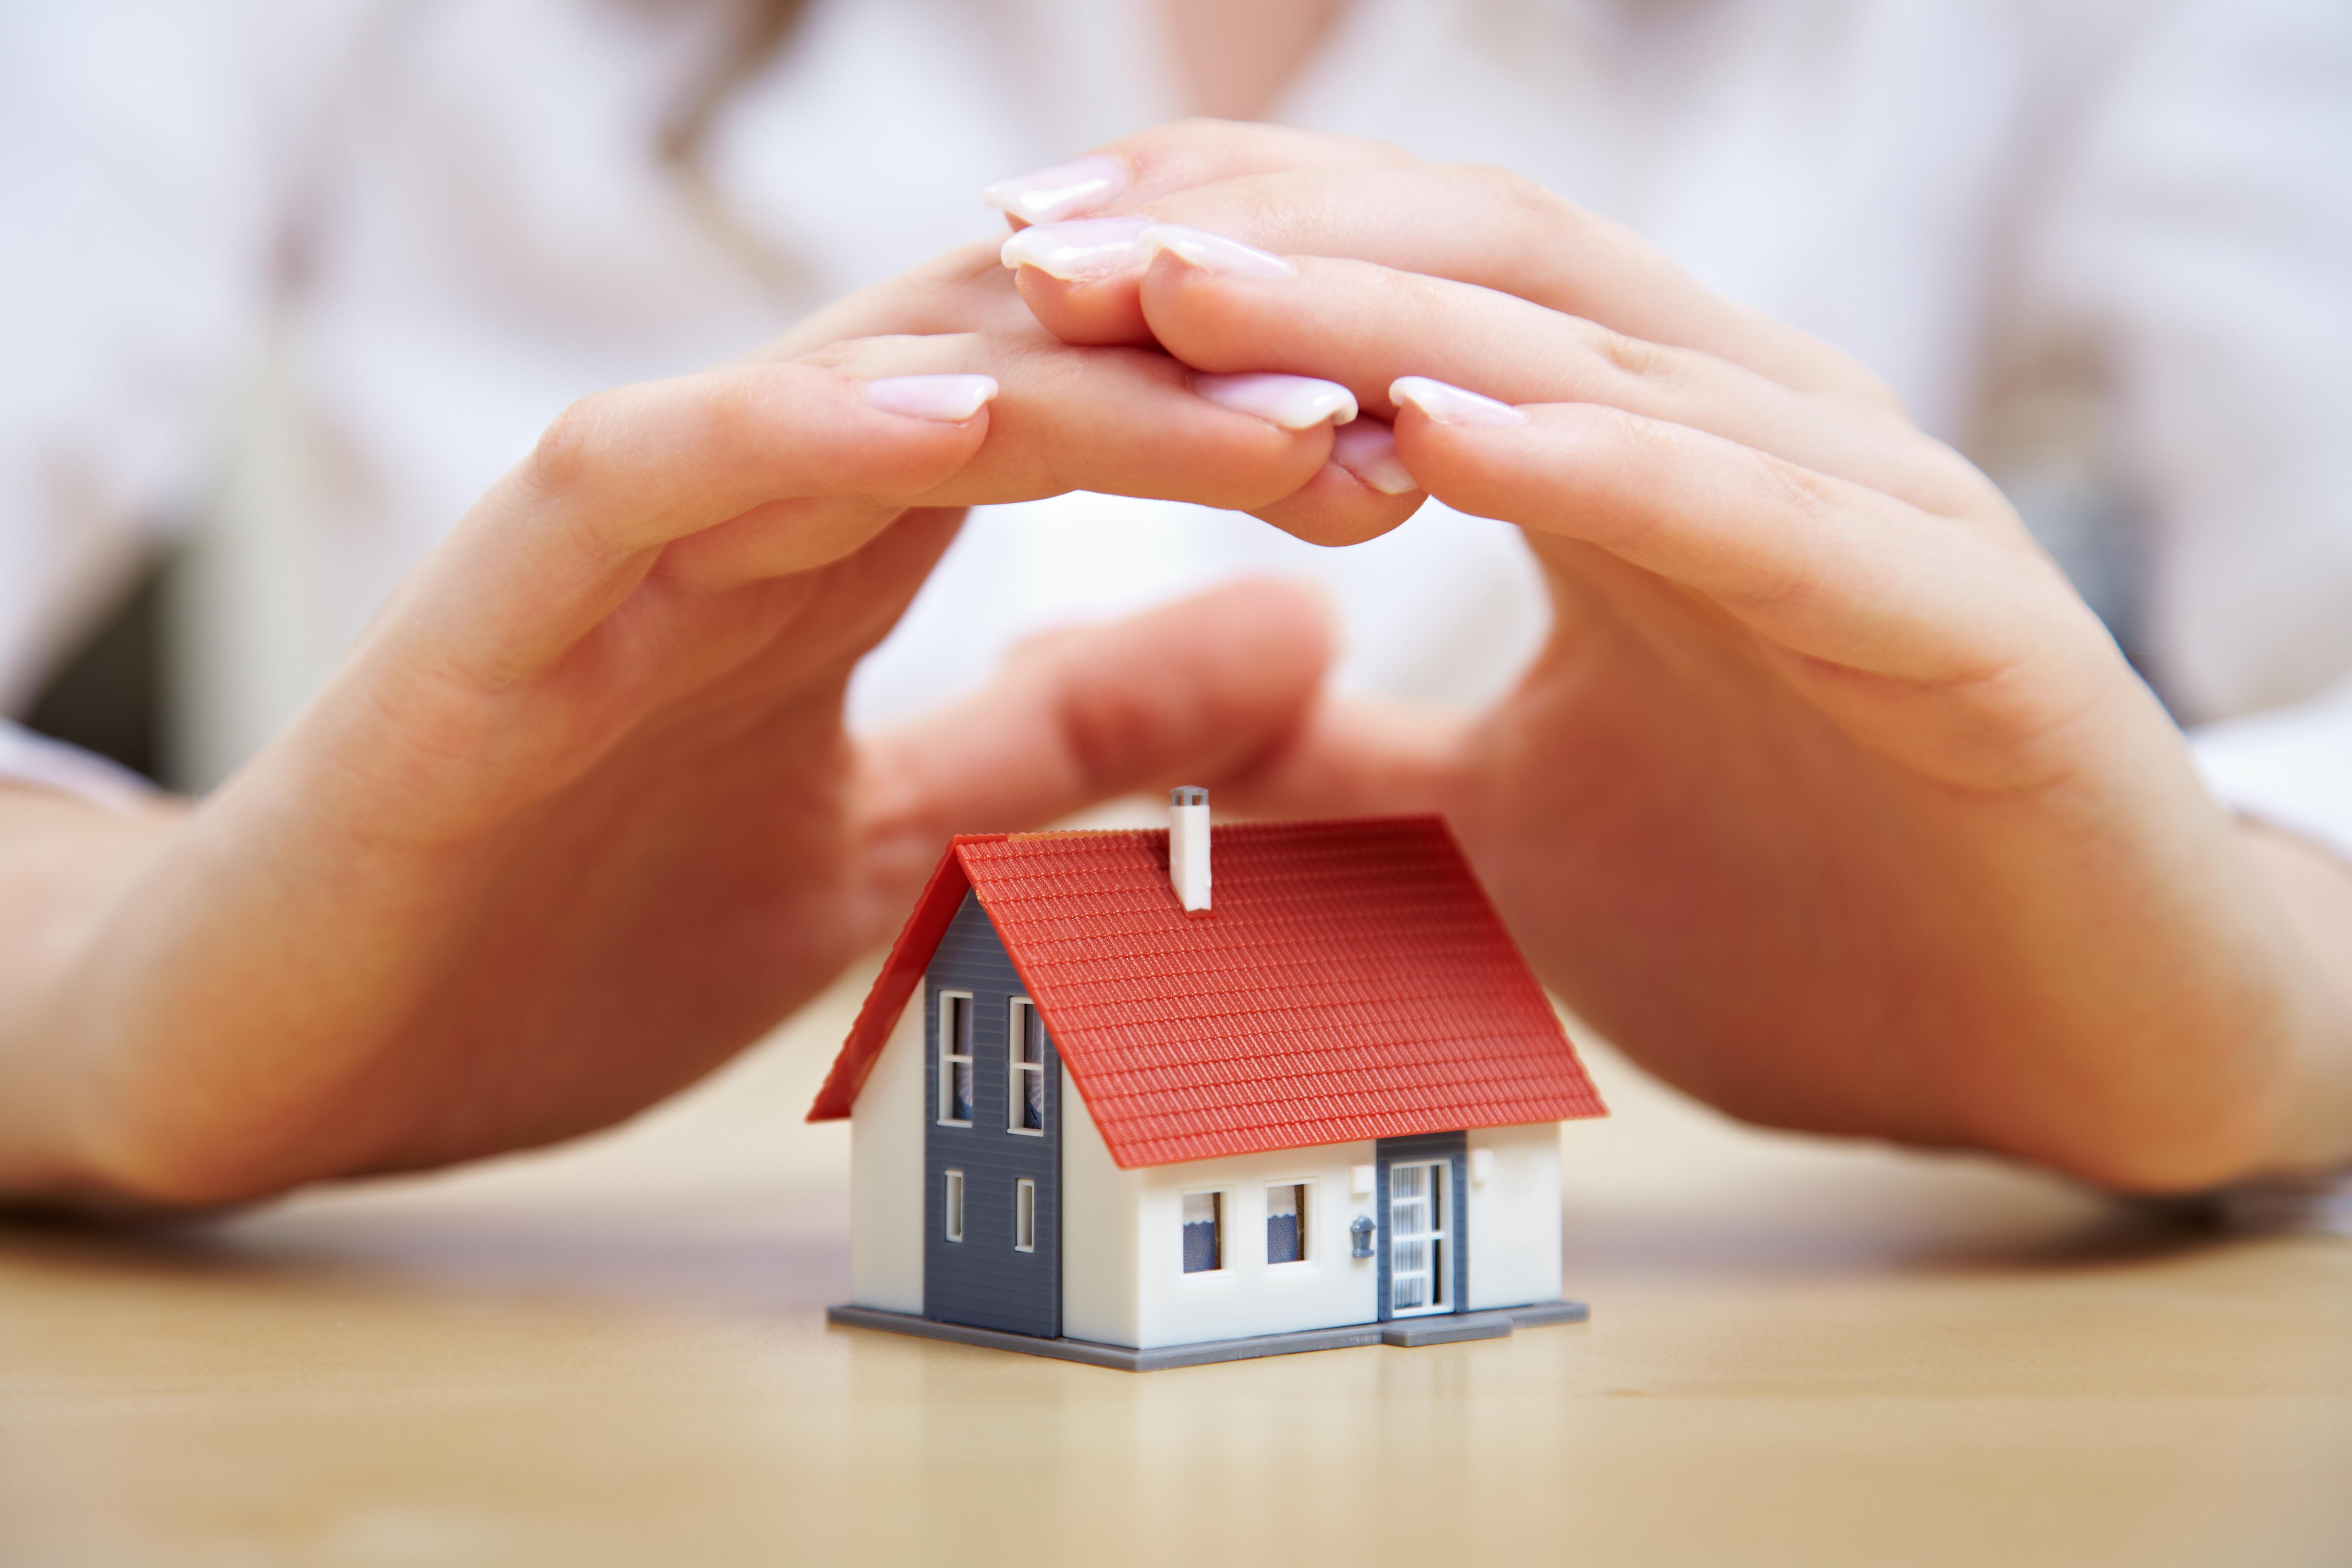 加拿大 冬季 房屋保险 政策